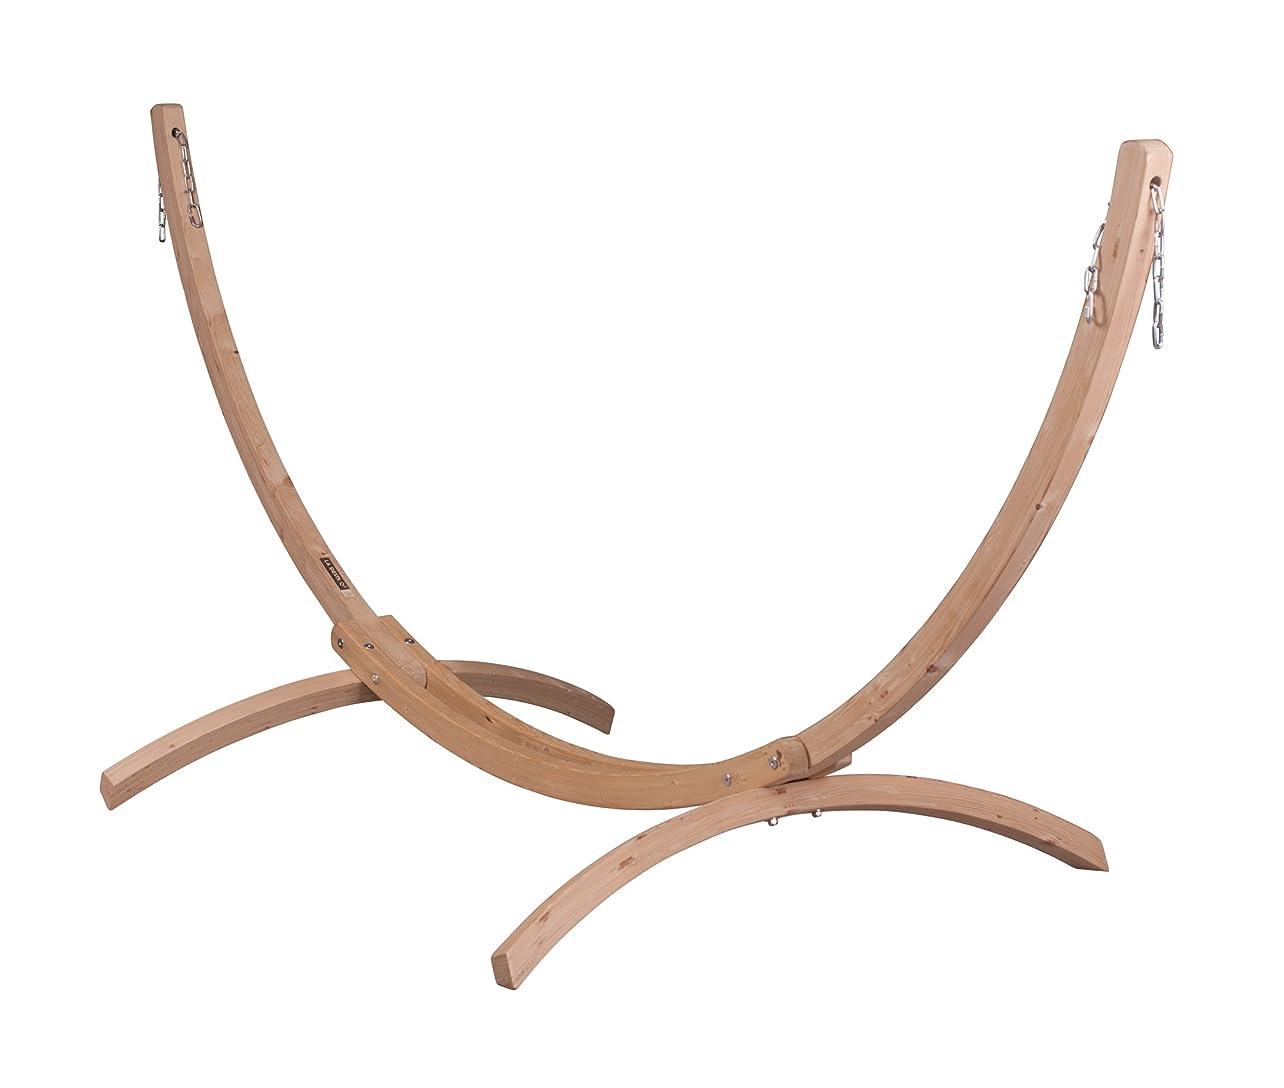 ステーキ死取り消すLA SIESTA(ラ シエスタ) シングルハンモック用スタンド (木製)  CANOA